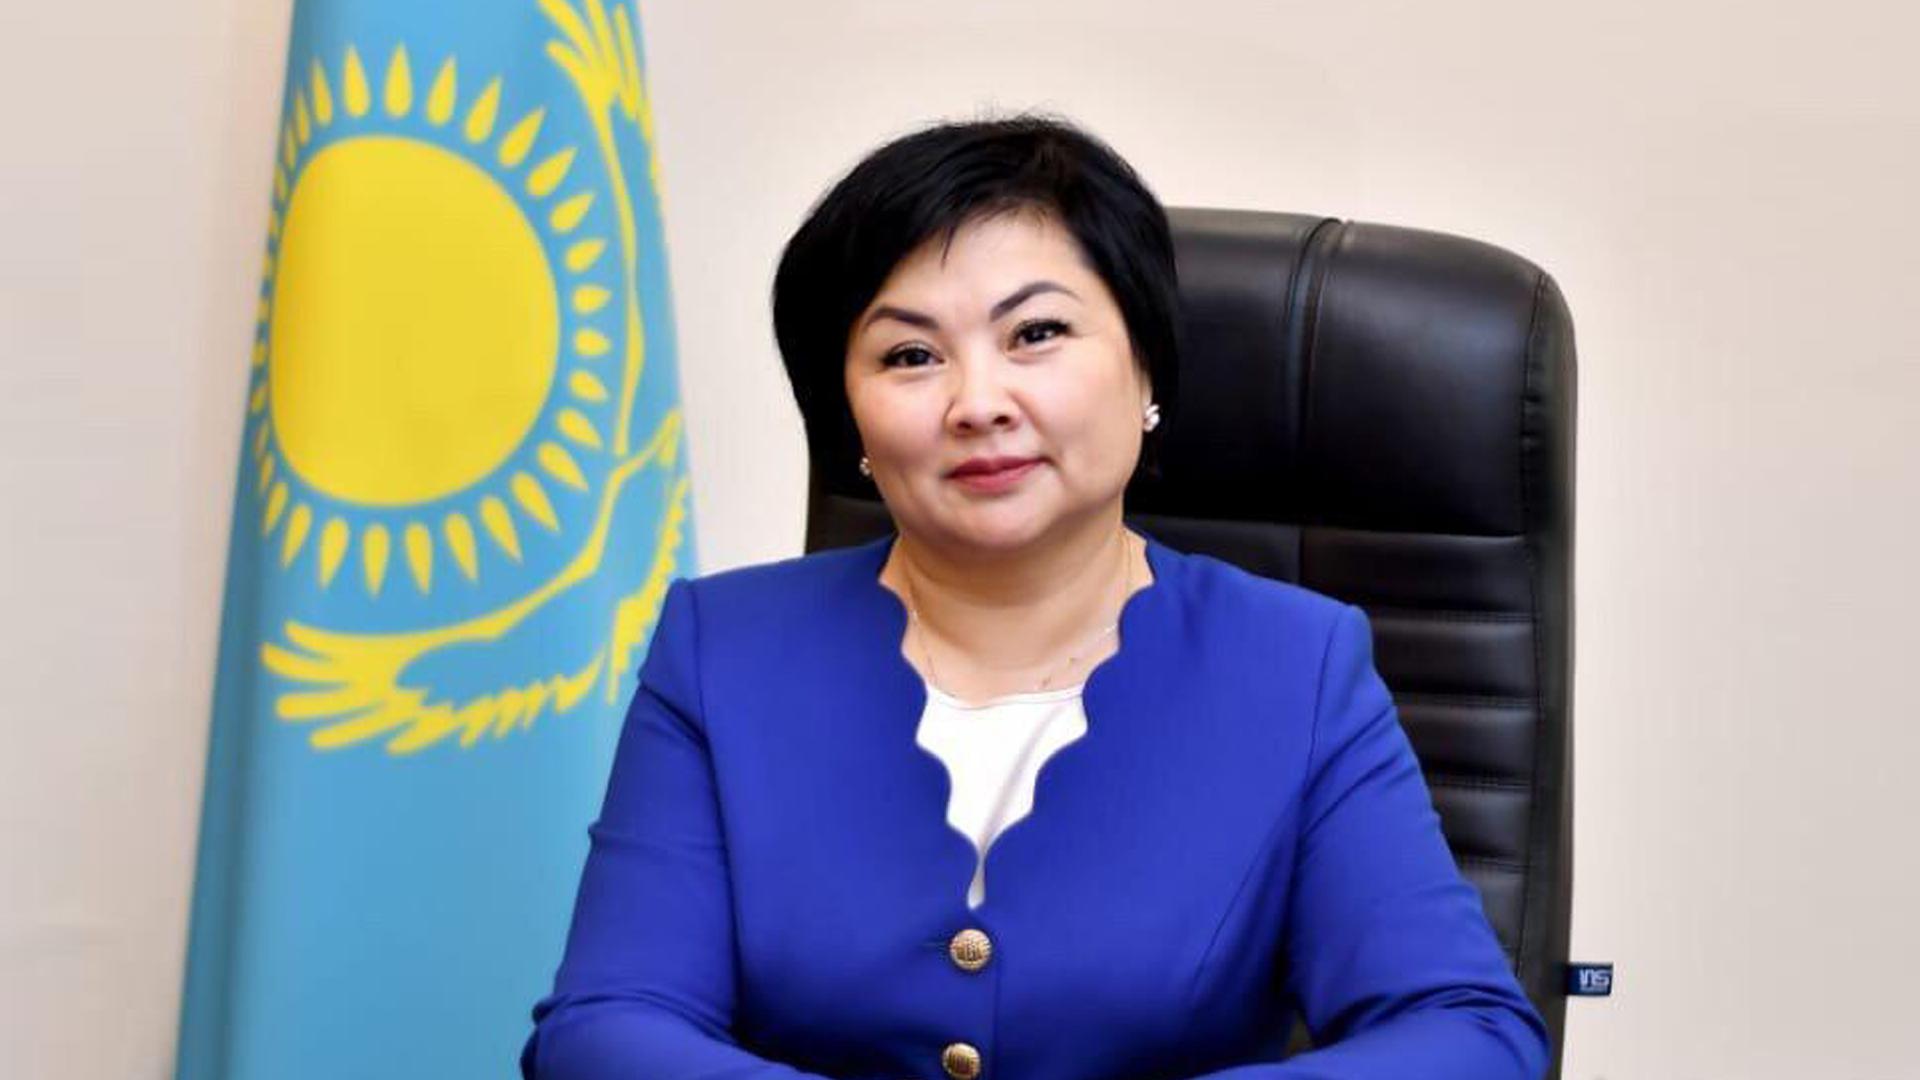 Sholpan Karinova naznachena viyse-ministrom obrazovaniya y nauky RK - Ofisialinyy informasionnyy resurs Premier-Ministra Respubliky Kazahstan